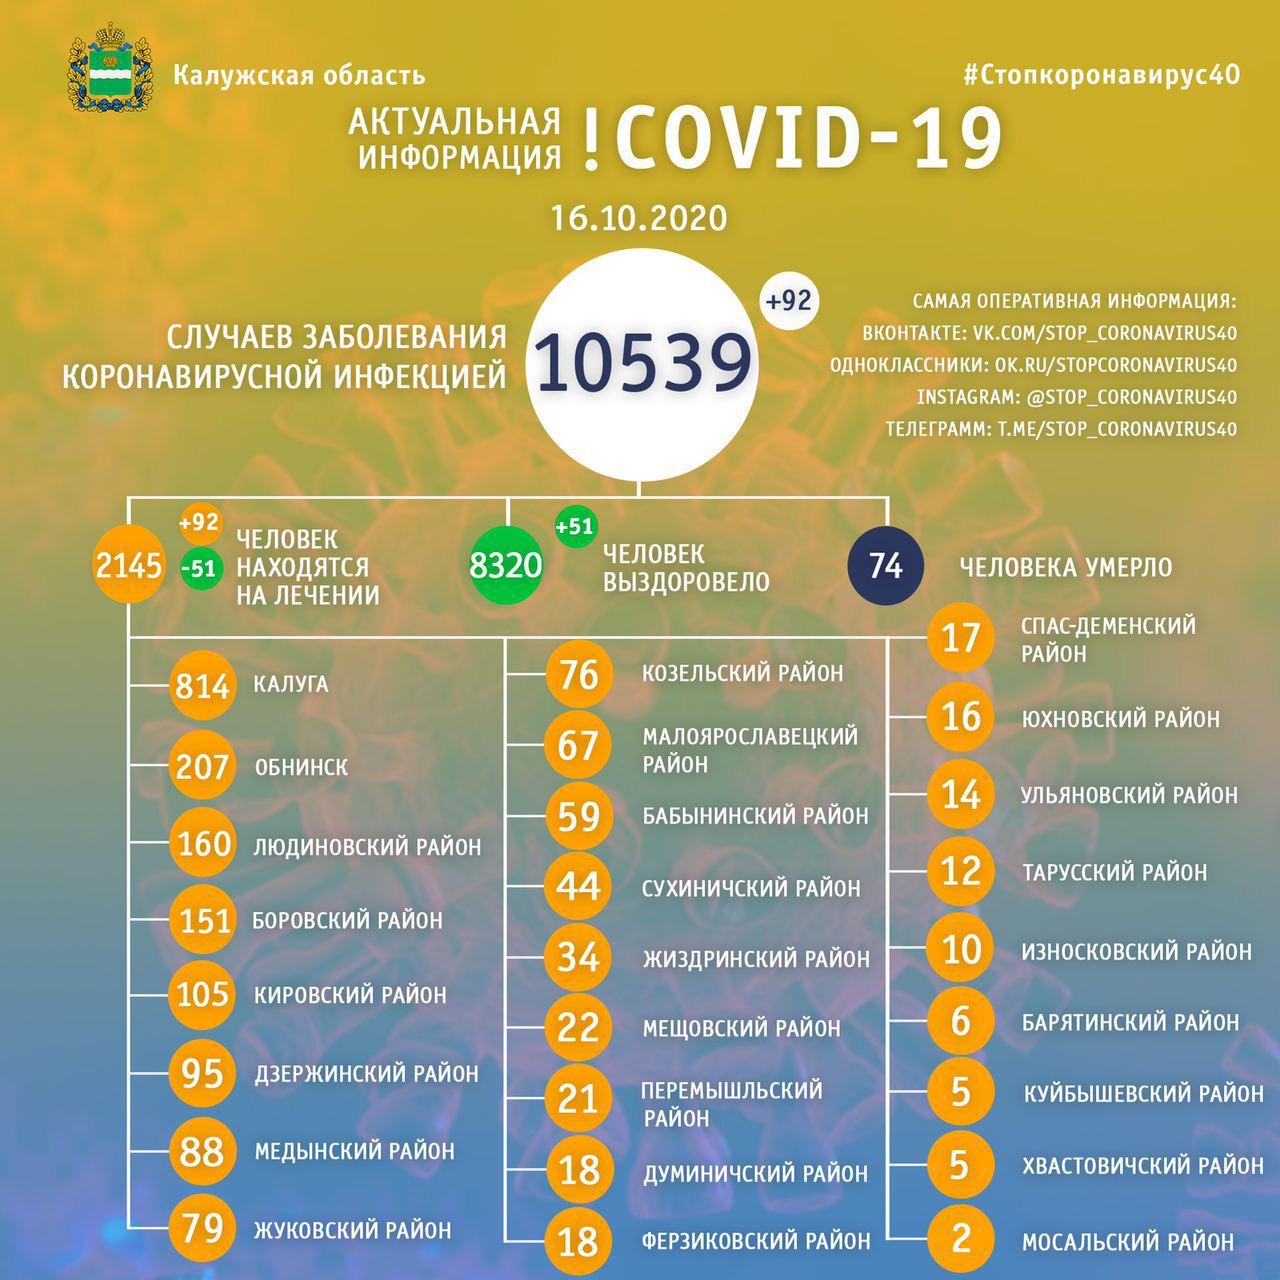 Официальная статистика по коронавирусу в Калужской области на 16 октября 2020 года.